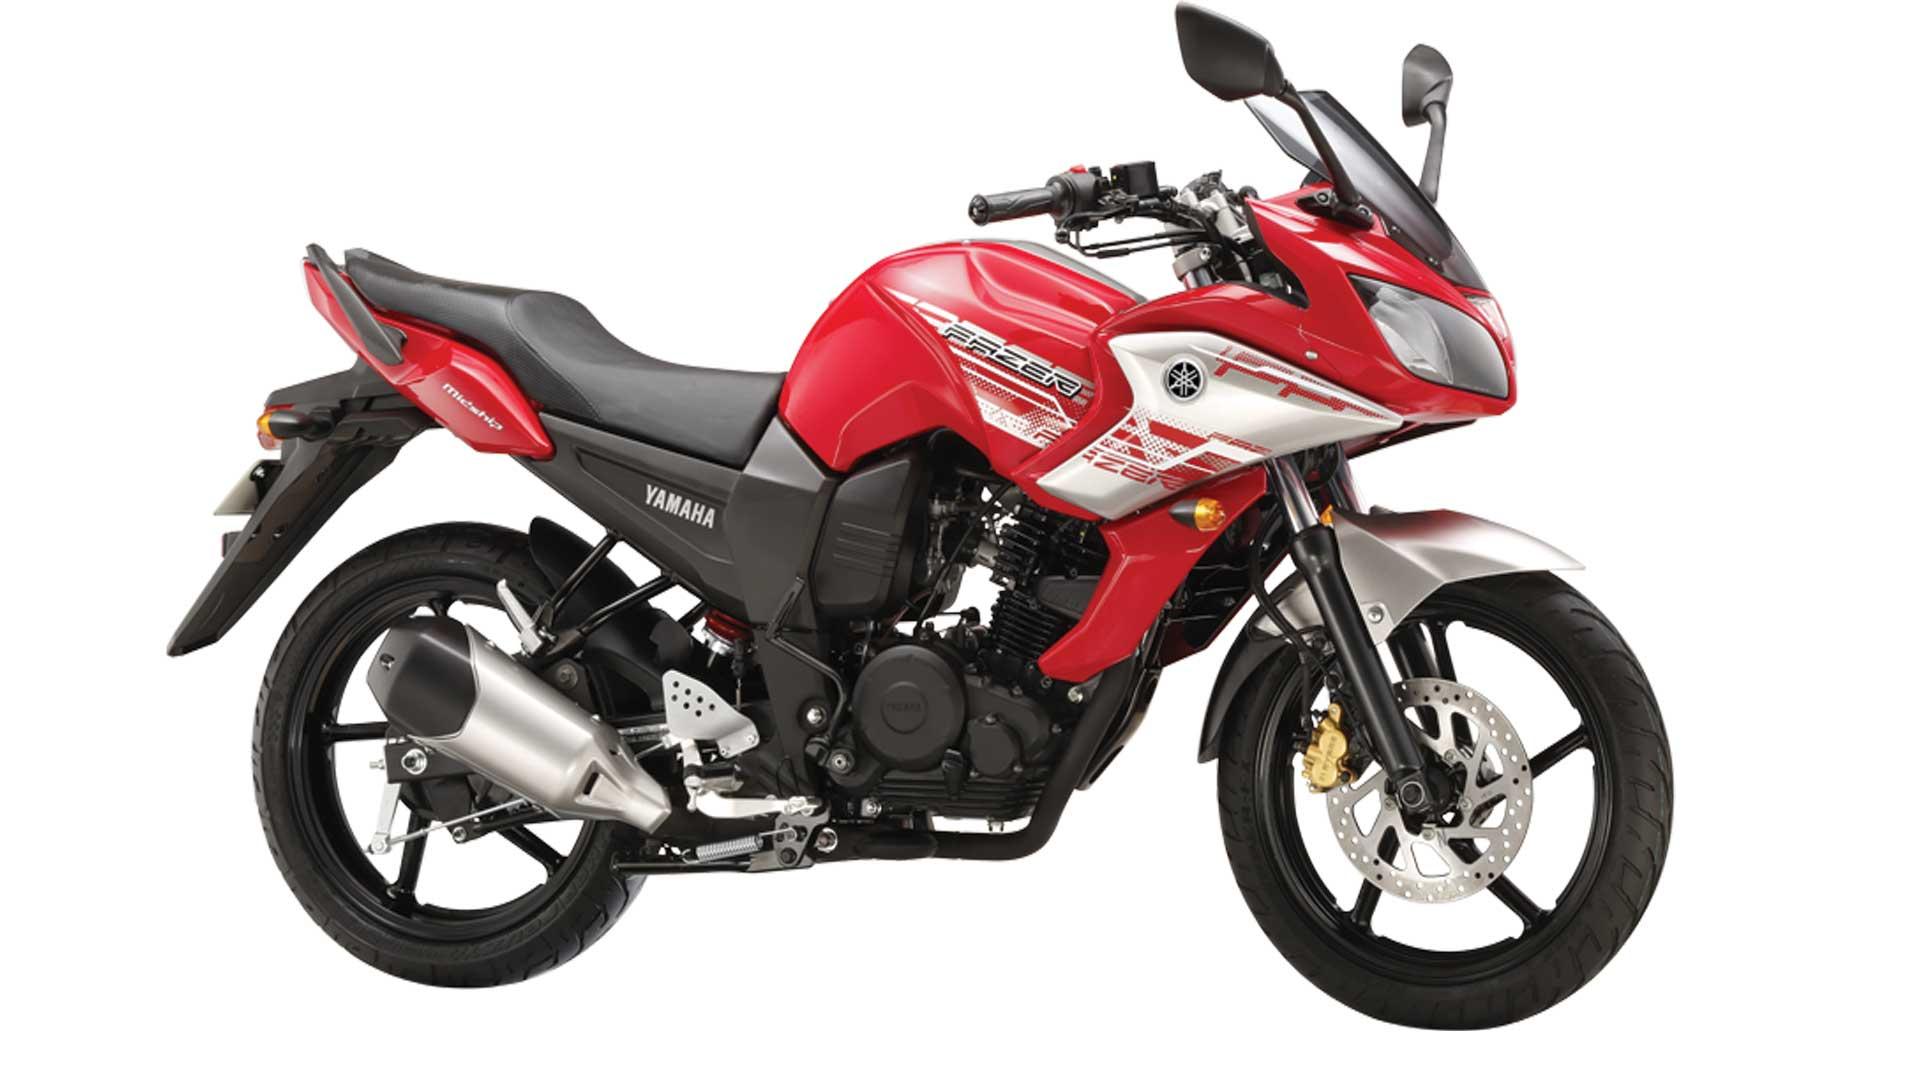 Yamaha Fz 2014 S Version 2 0 Price Mileage Reviews